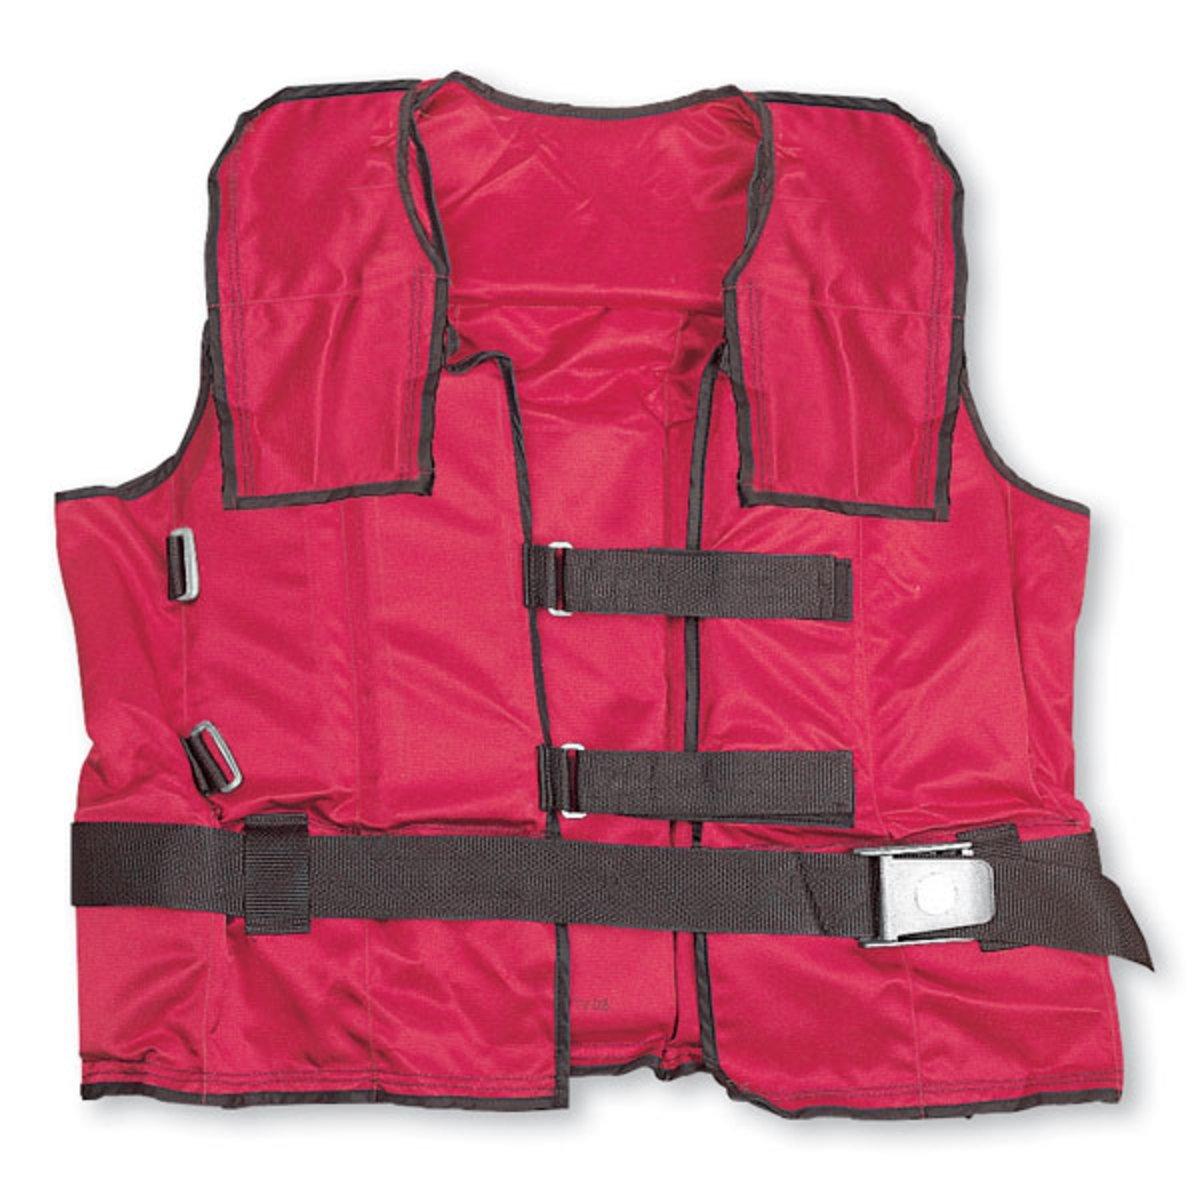 Simulaids Training Vest - 50-lb. - Large